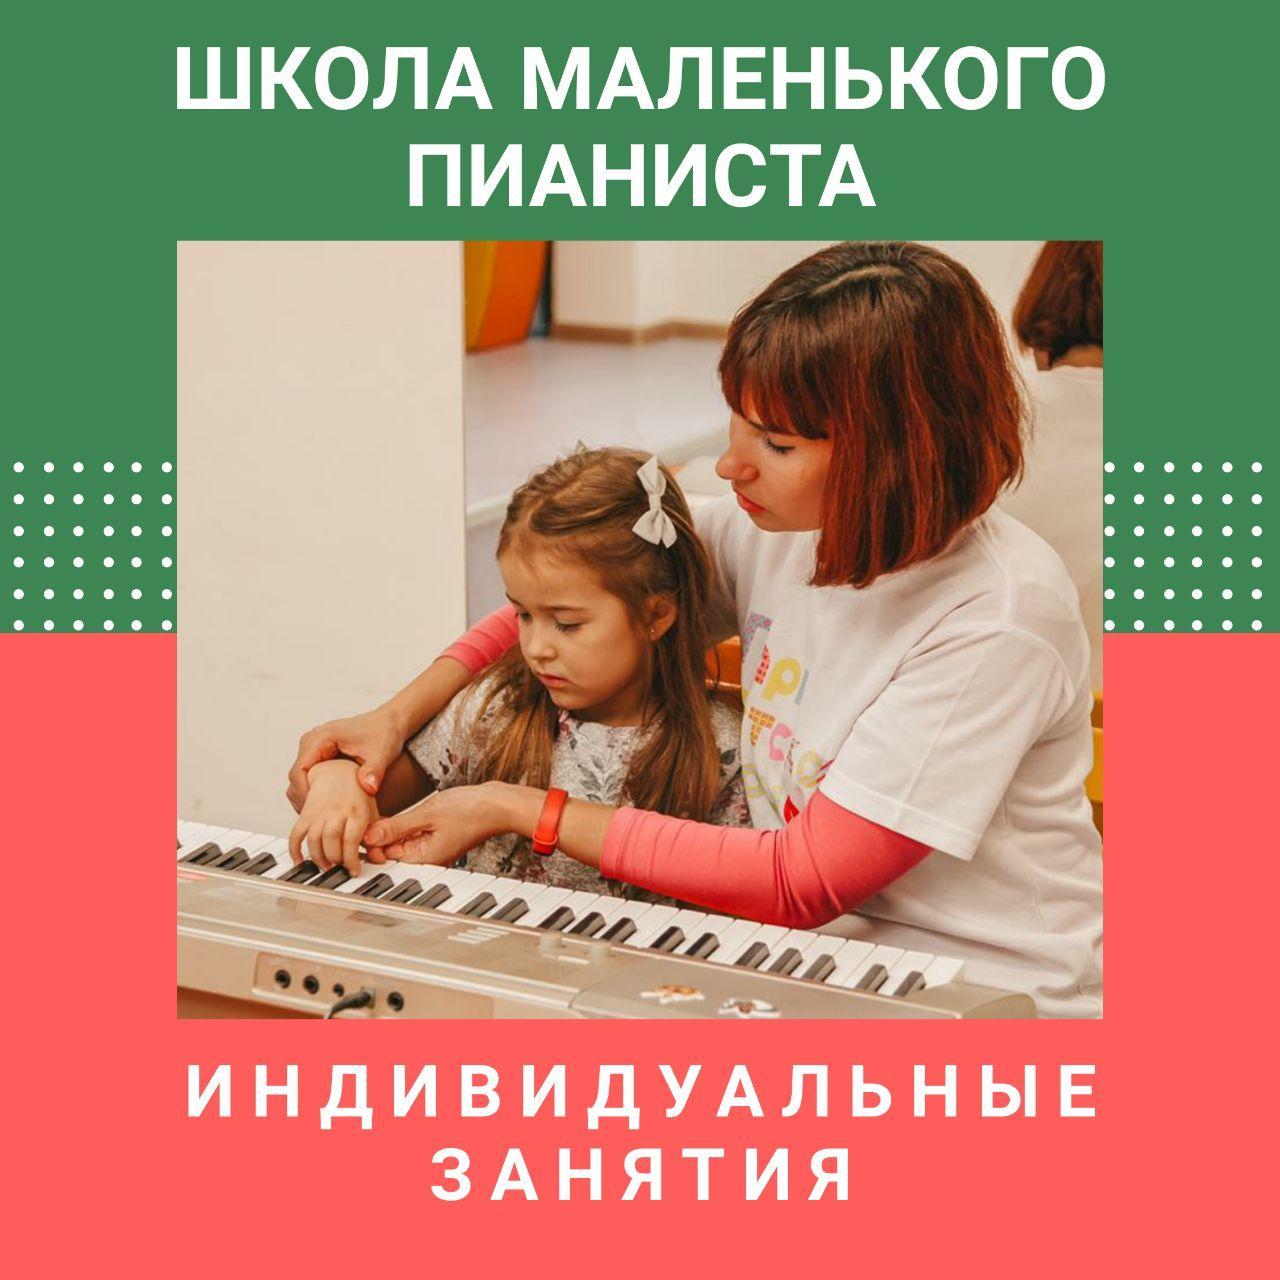 photo_2020-01-17_19-09-54